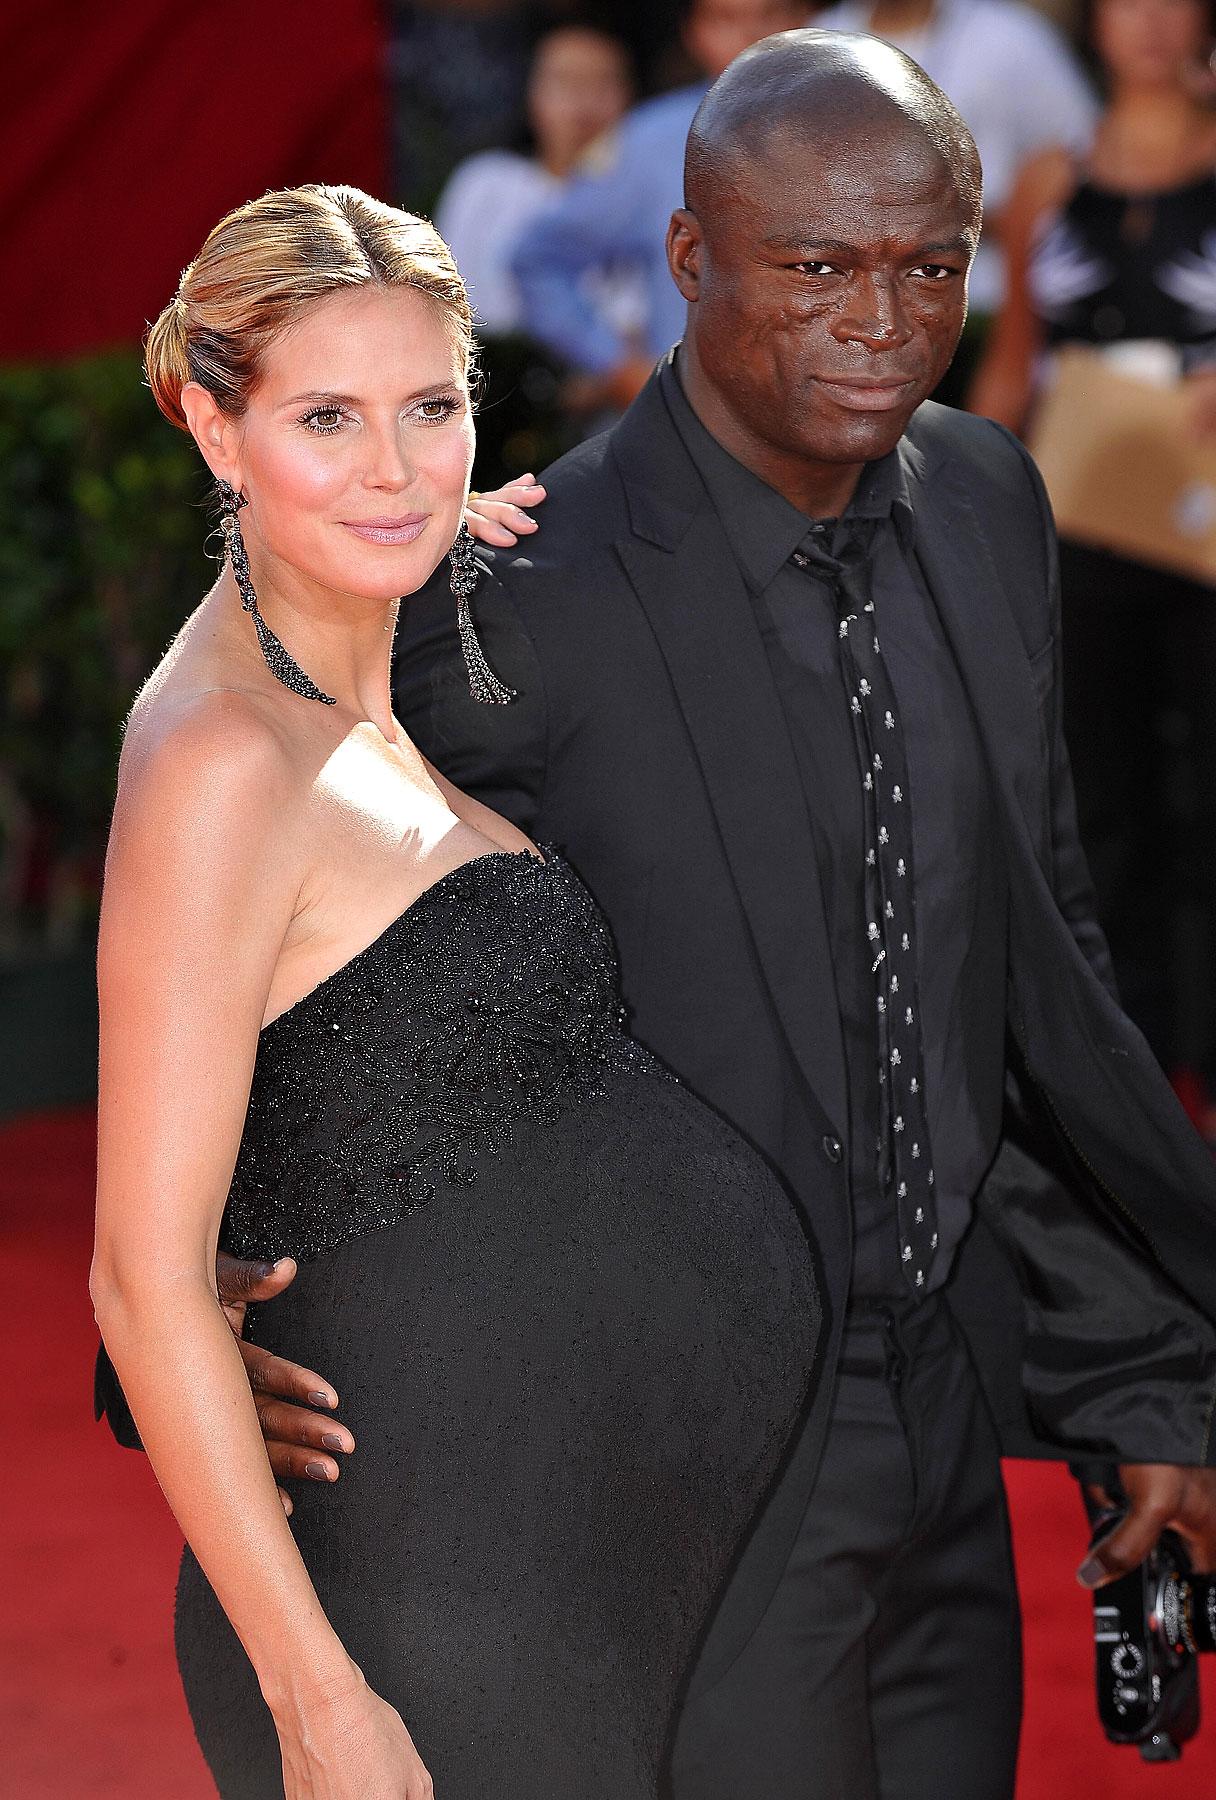 Heidi Klum Has a Baby Girl